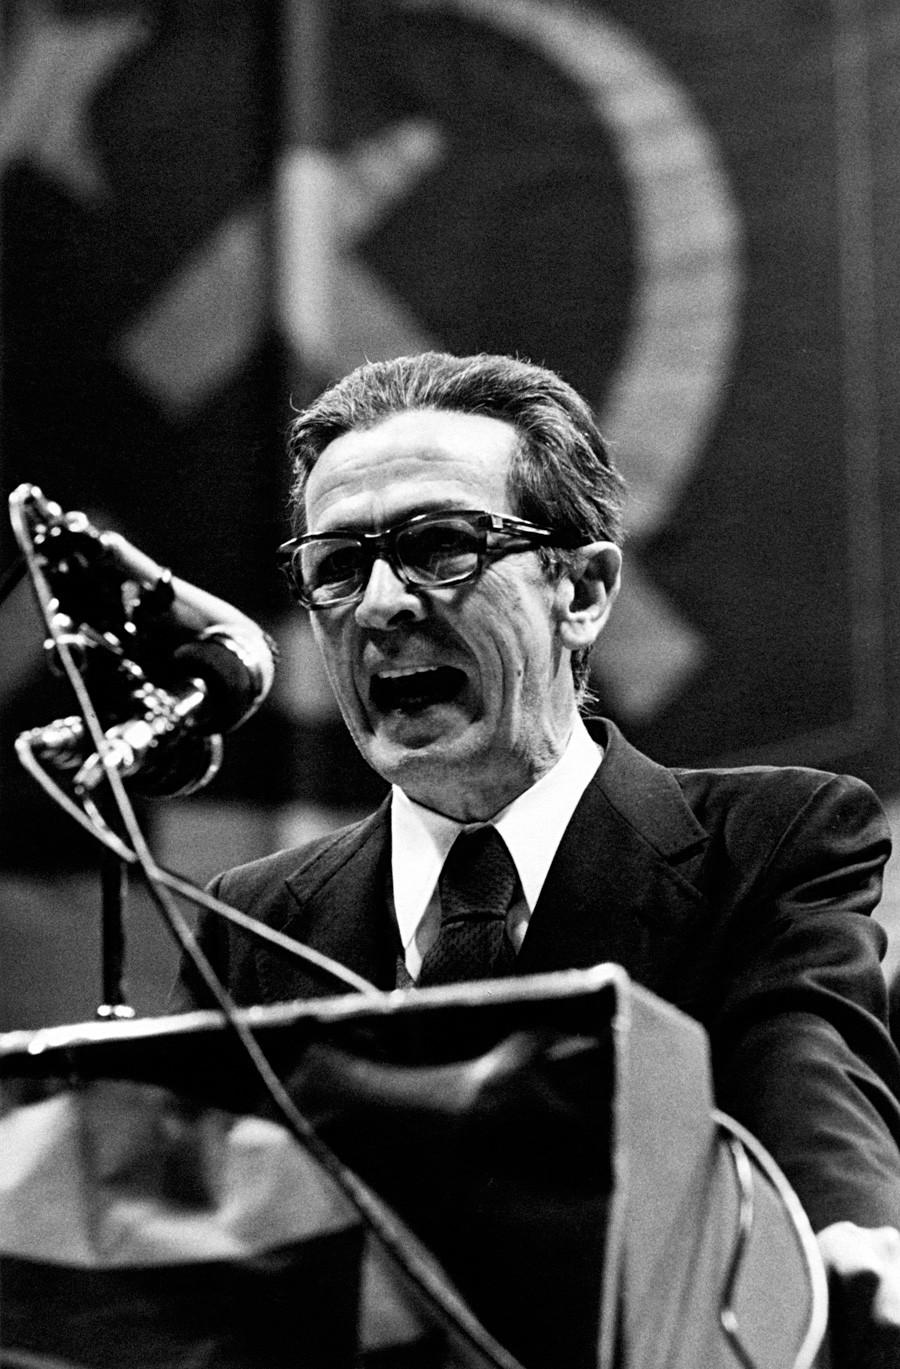 Sekretär der italienischen Kommunistischen Partei Enrico Berlinguer in den 1980er Jahren